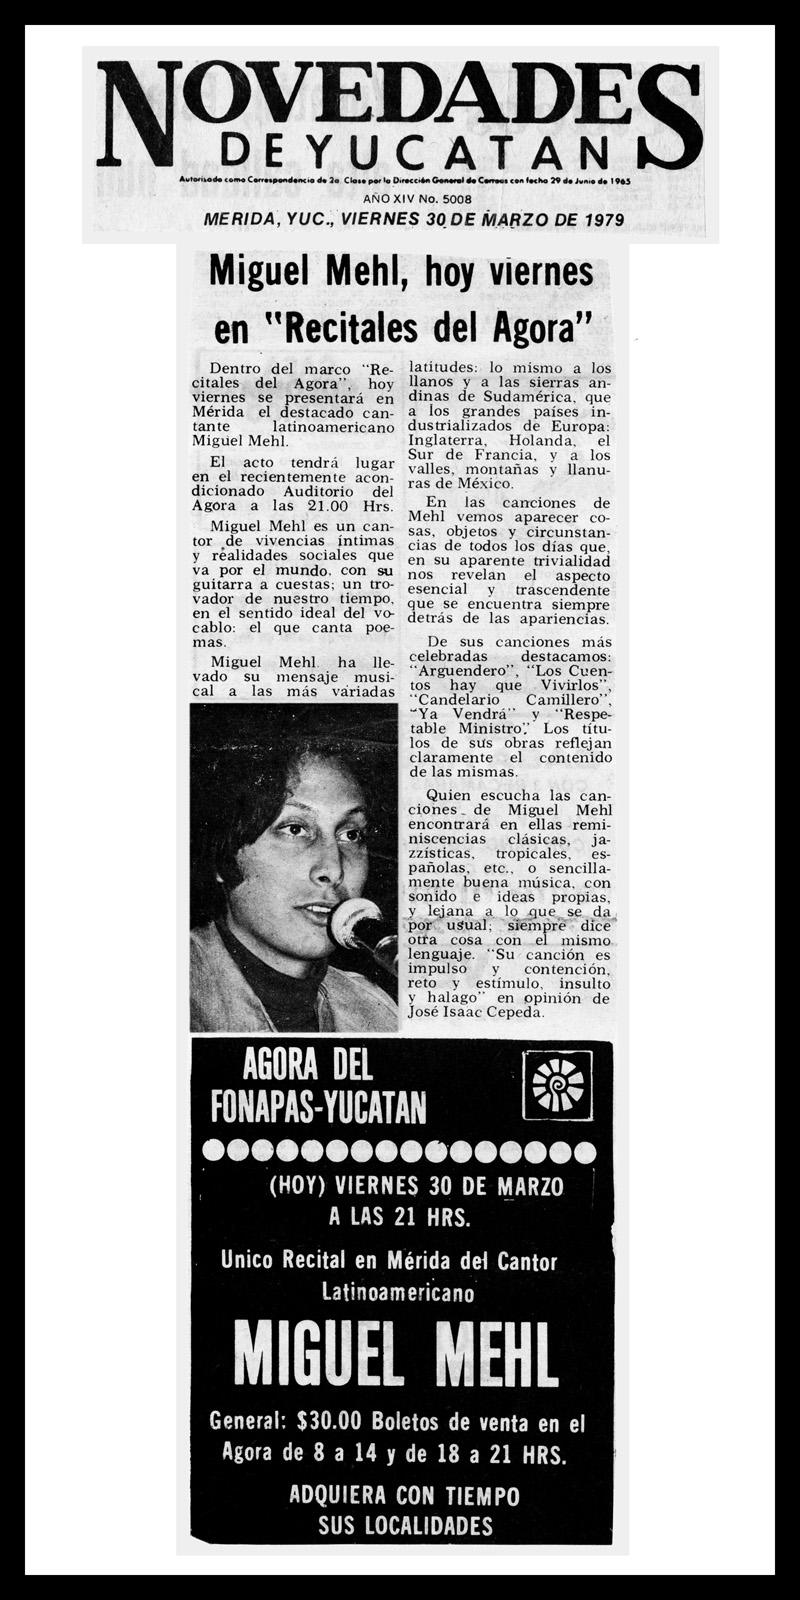 1979_Novedades-De-Yucatan_Michael-Mehl_Fonagora-Concert